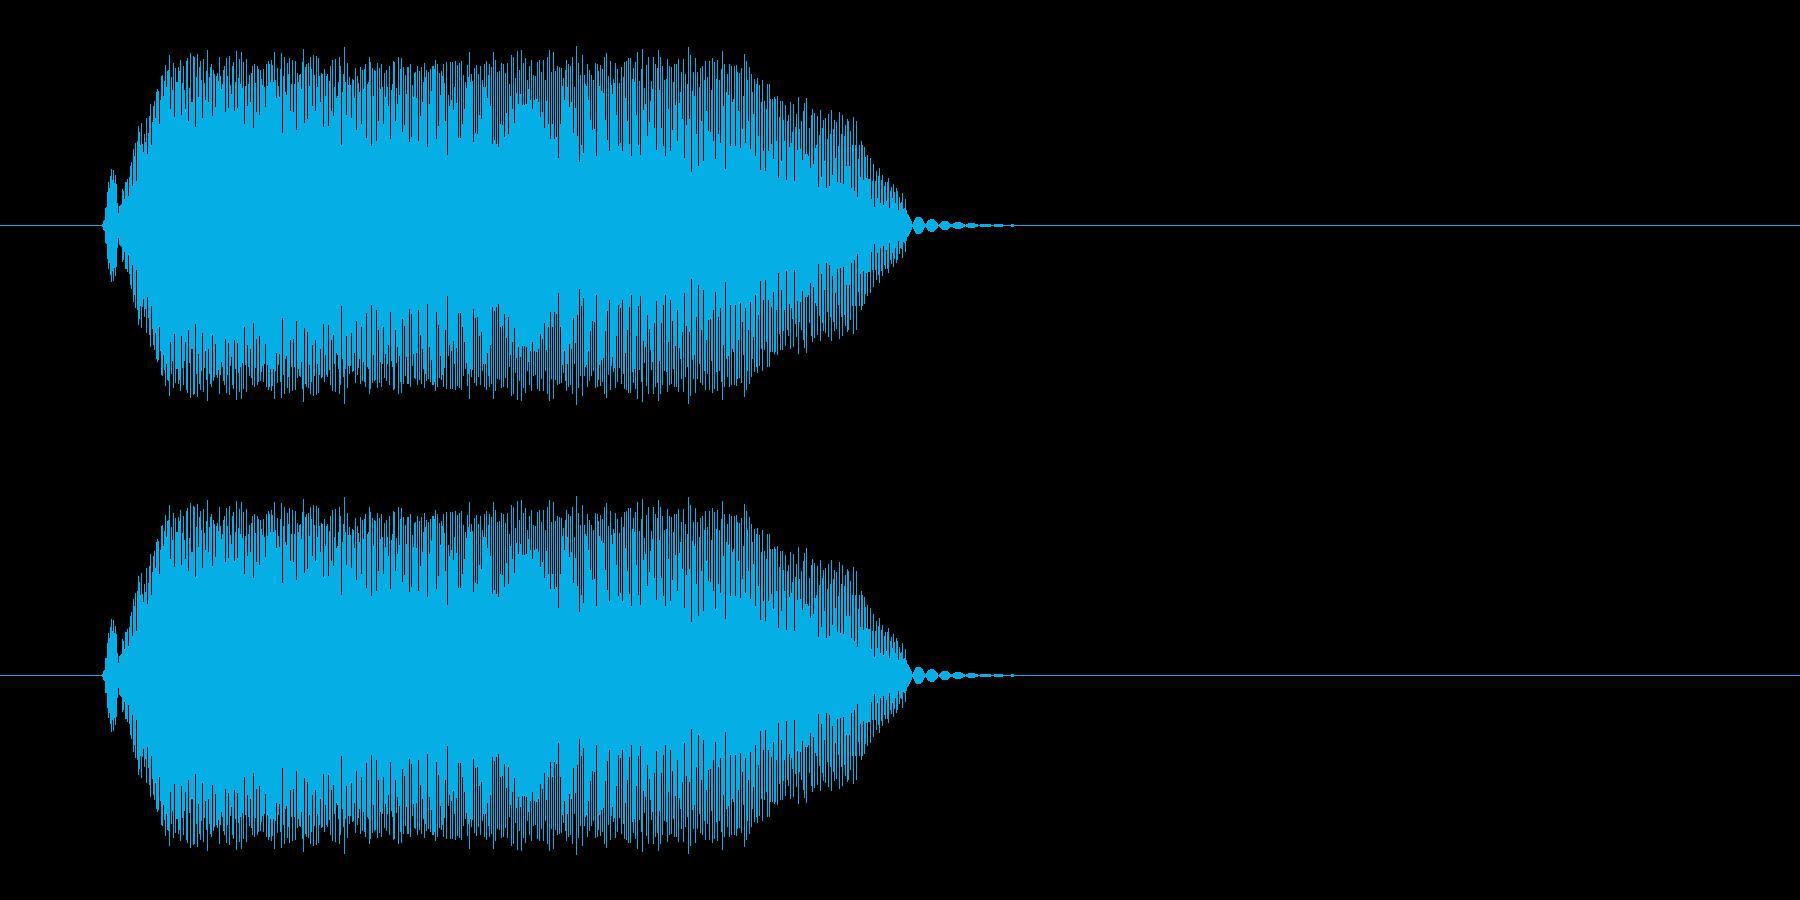 ピュッと鳴く小鳥の声の再生済みの波形